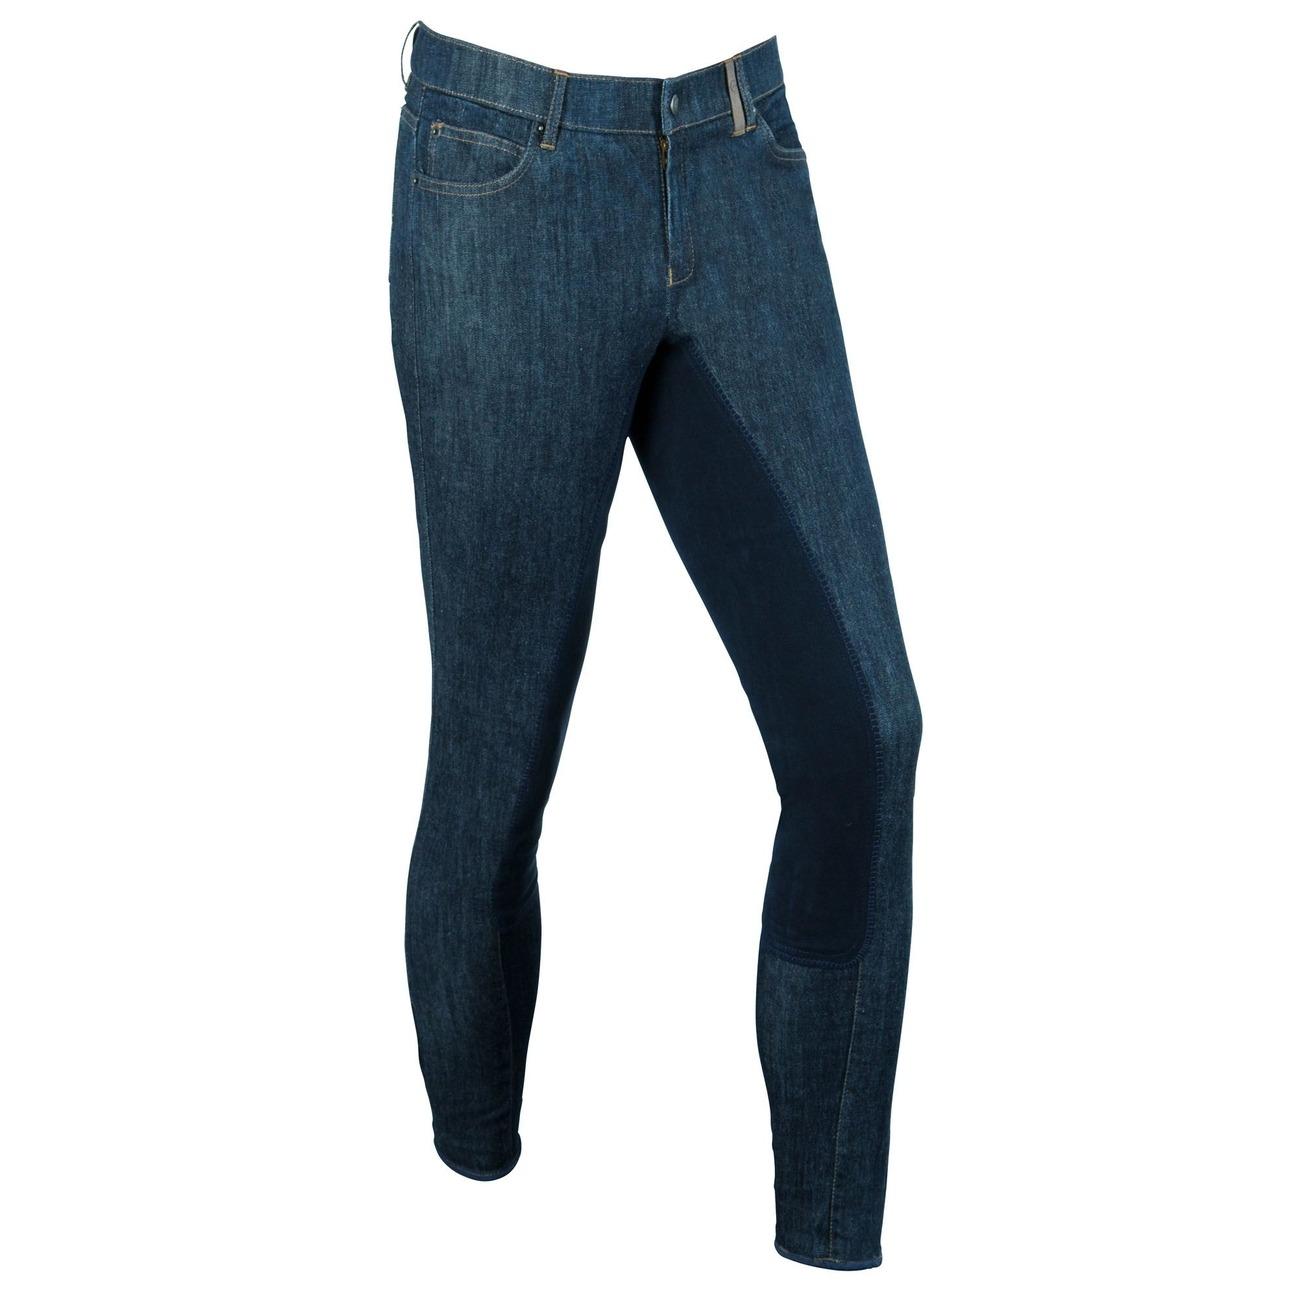 Covalliero Jeans Reithose Denim für Herren, Bild 2